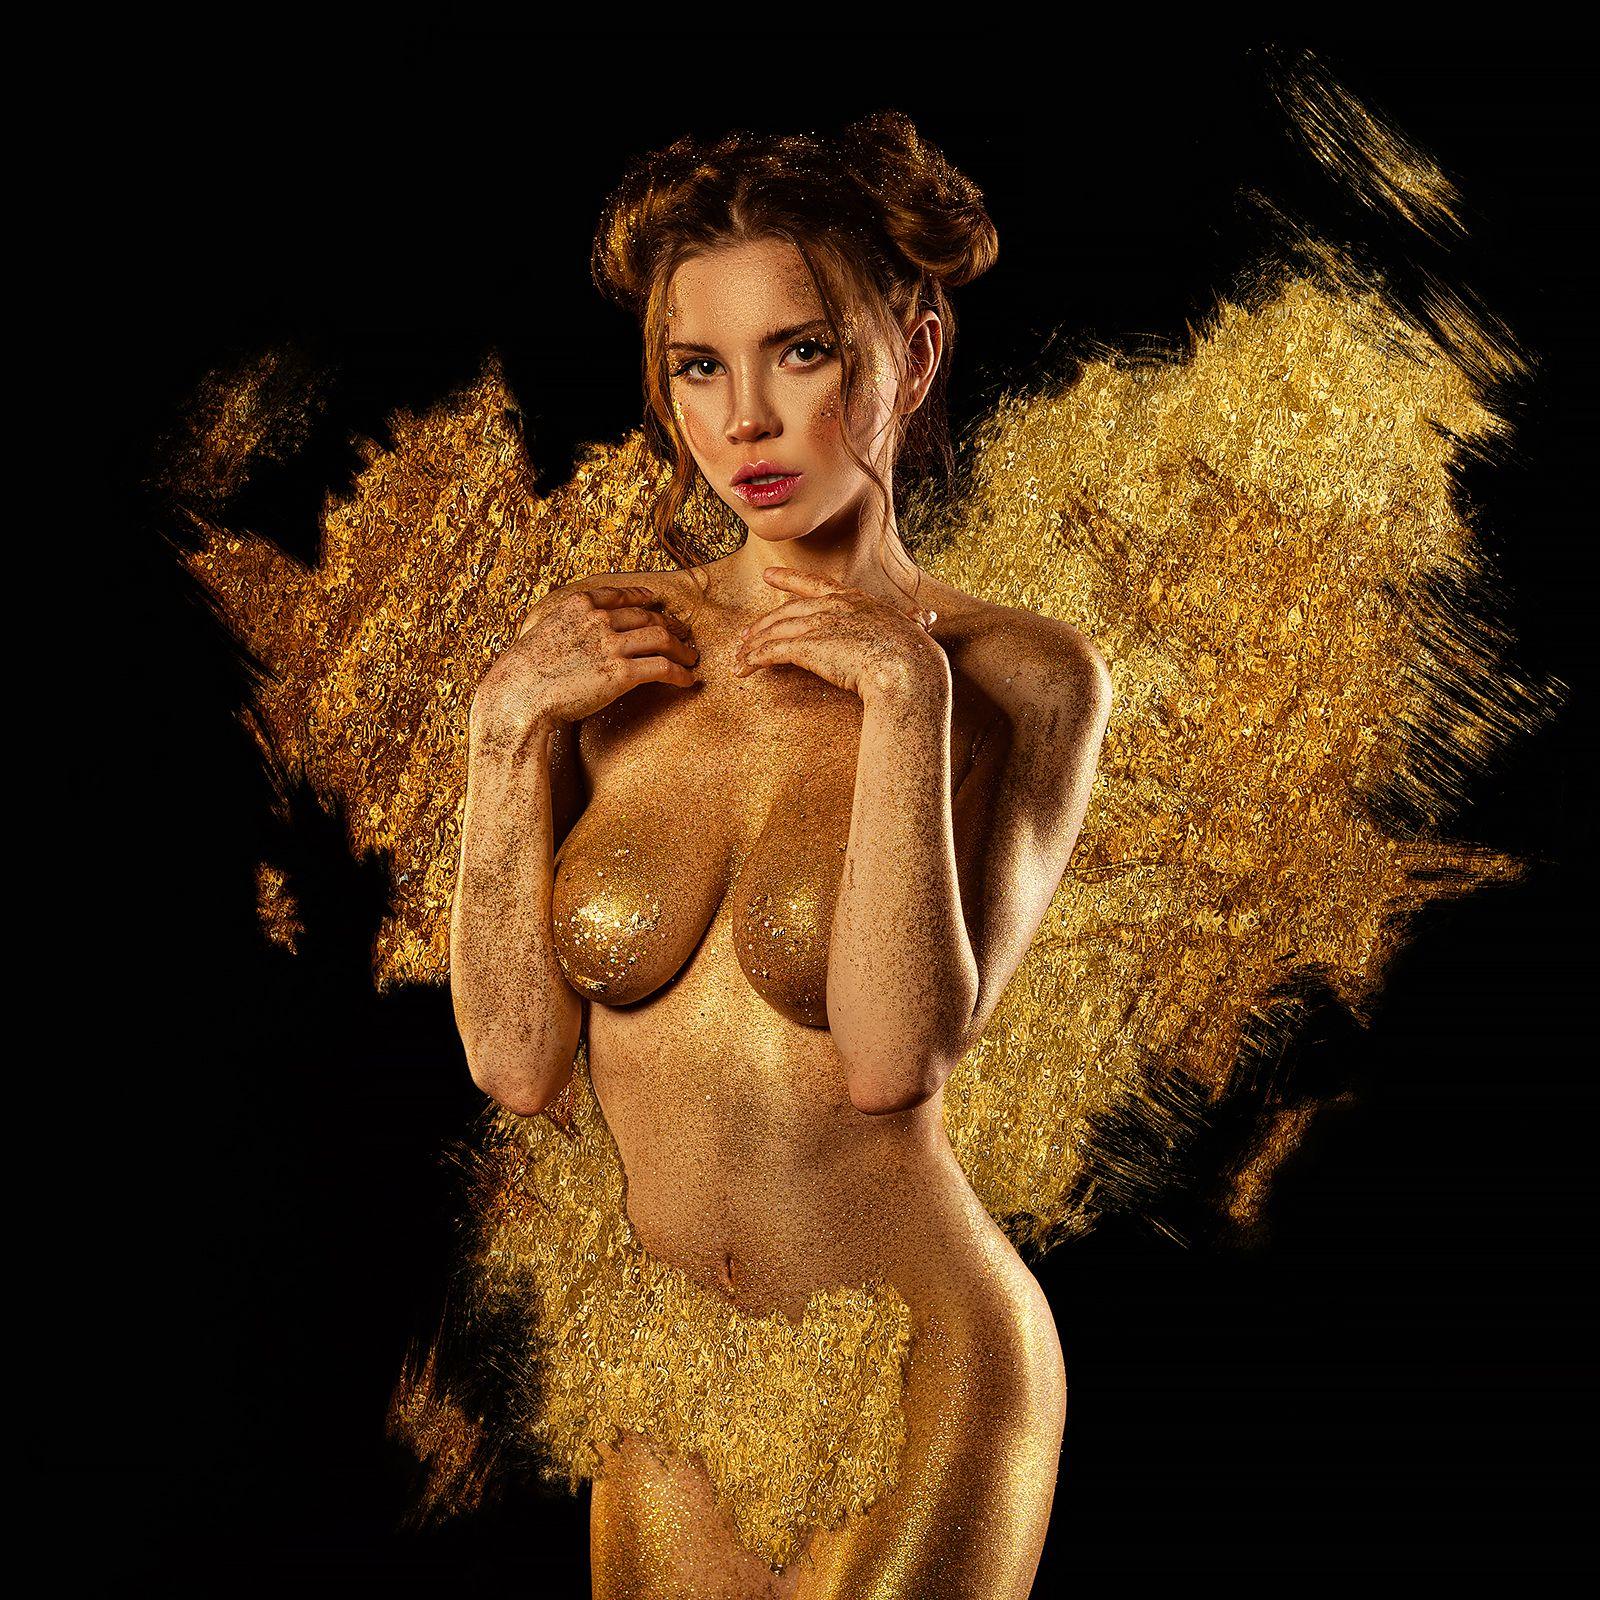 бодиарт, bodyart, золото, блёстки, позолота, жёлтый,, Andrew Fire